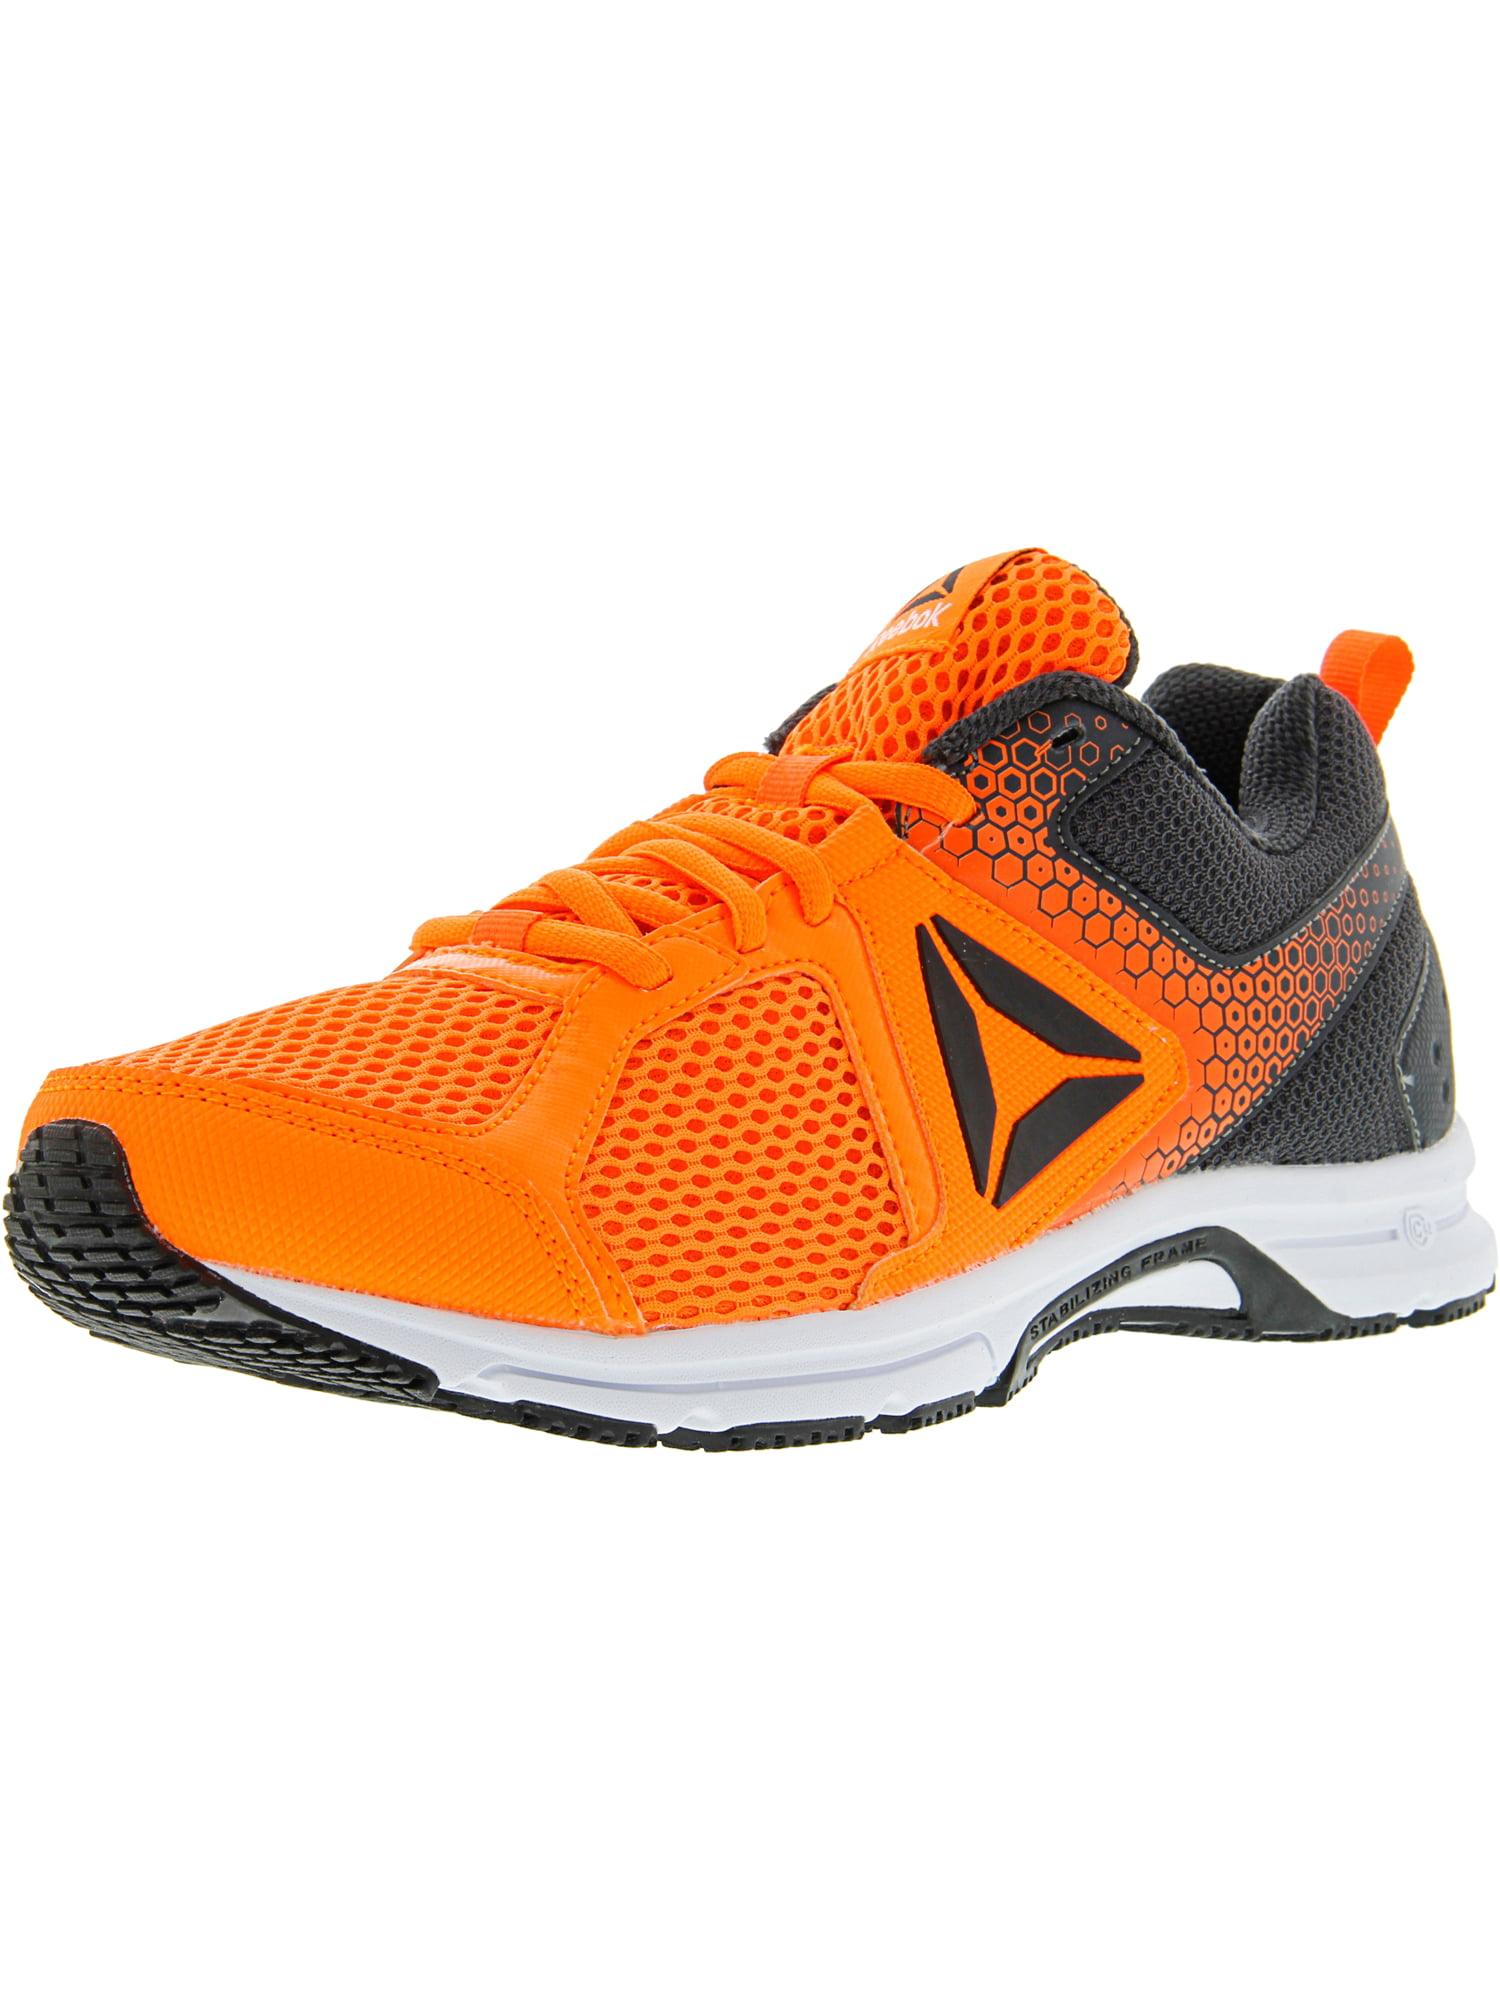 Reebok Men's Runner 2.0 Mt Solar Orange